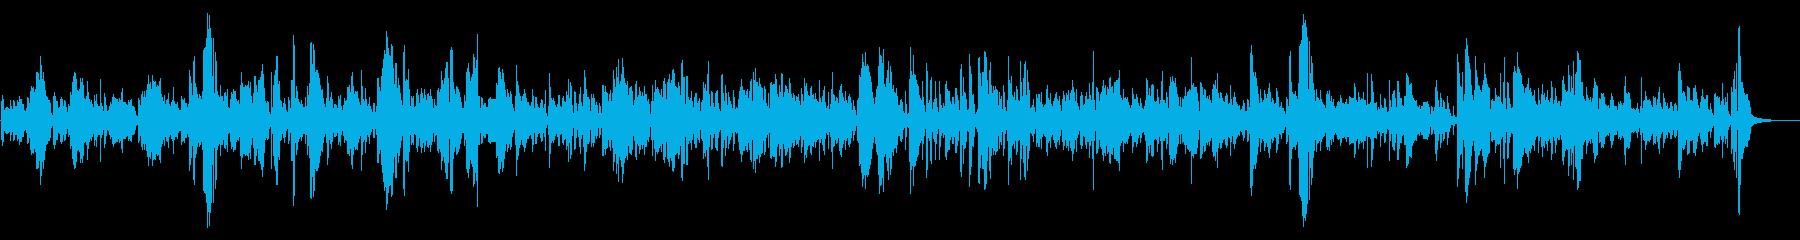 ジャズ|優しい音色に癒されるお洒落ジャズの再生済みの波形